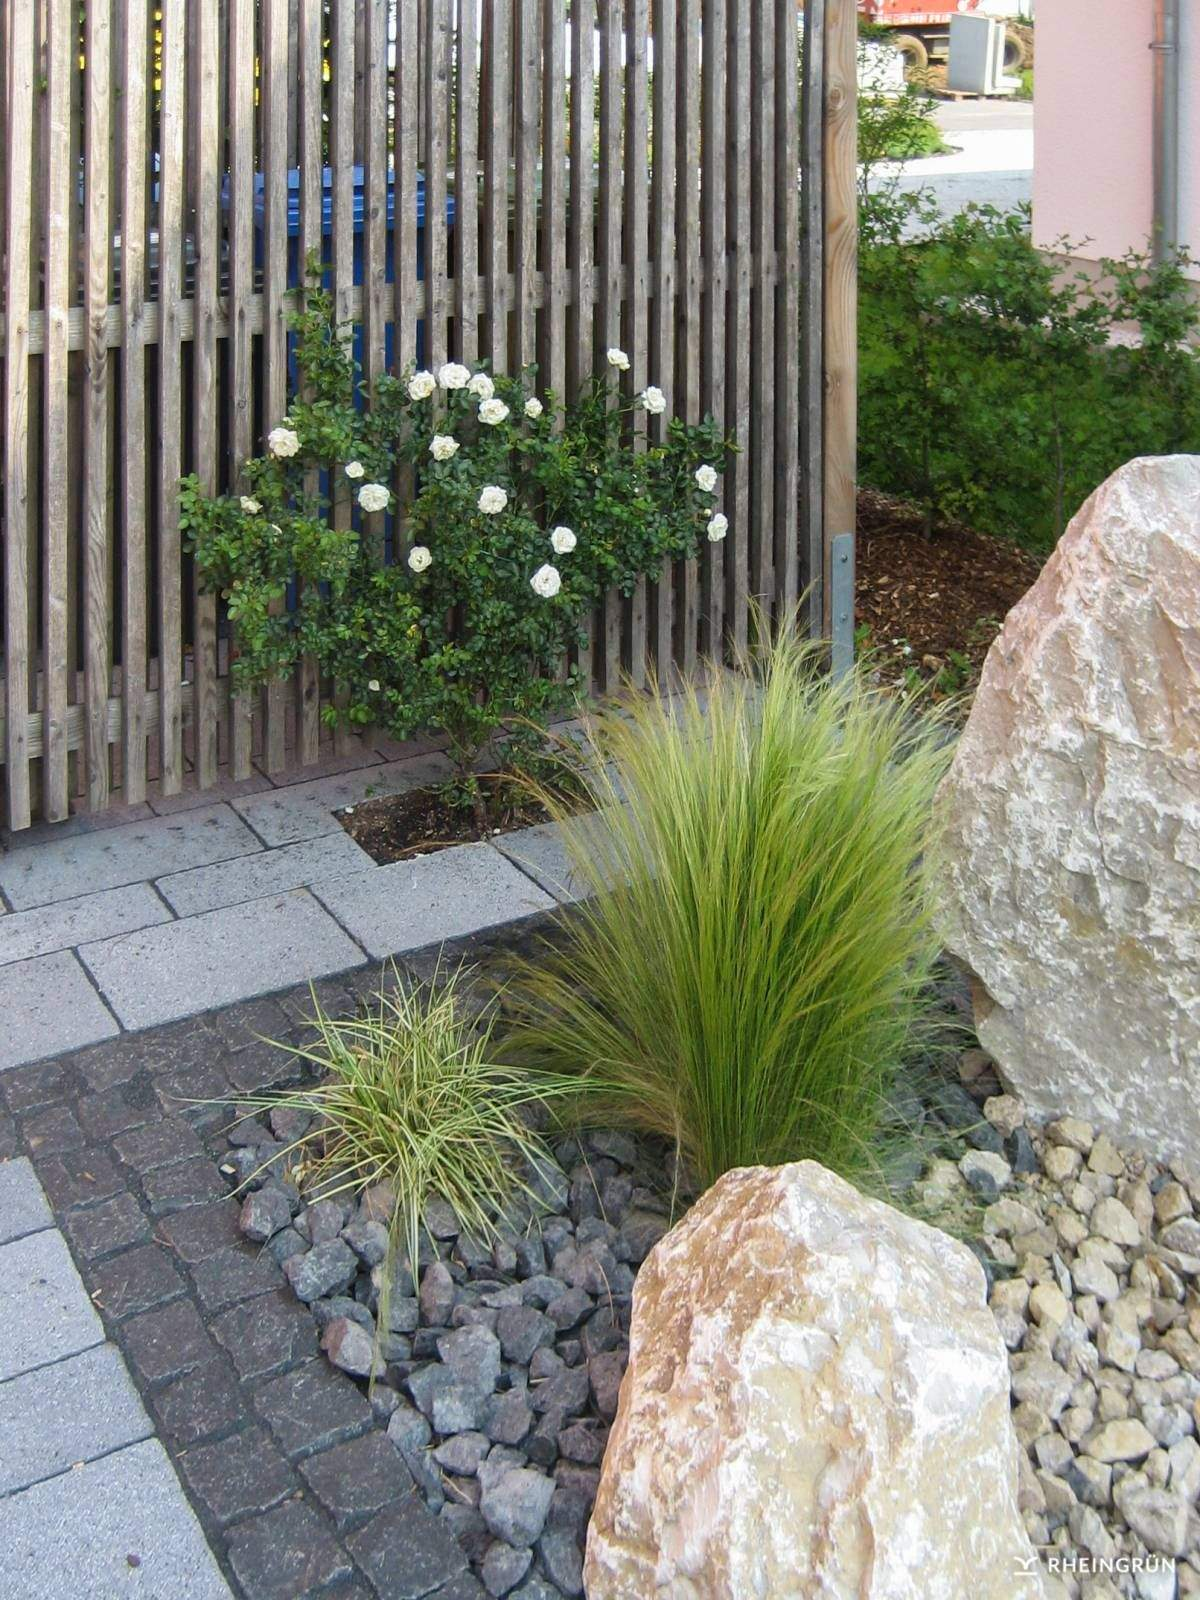 Pflegeleichter Garten Bilder Elegant Pflegeleichter Vorgarten Mit Großen Steinen Und Gräsern